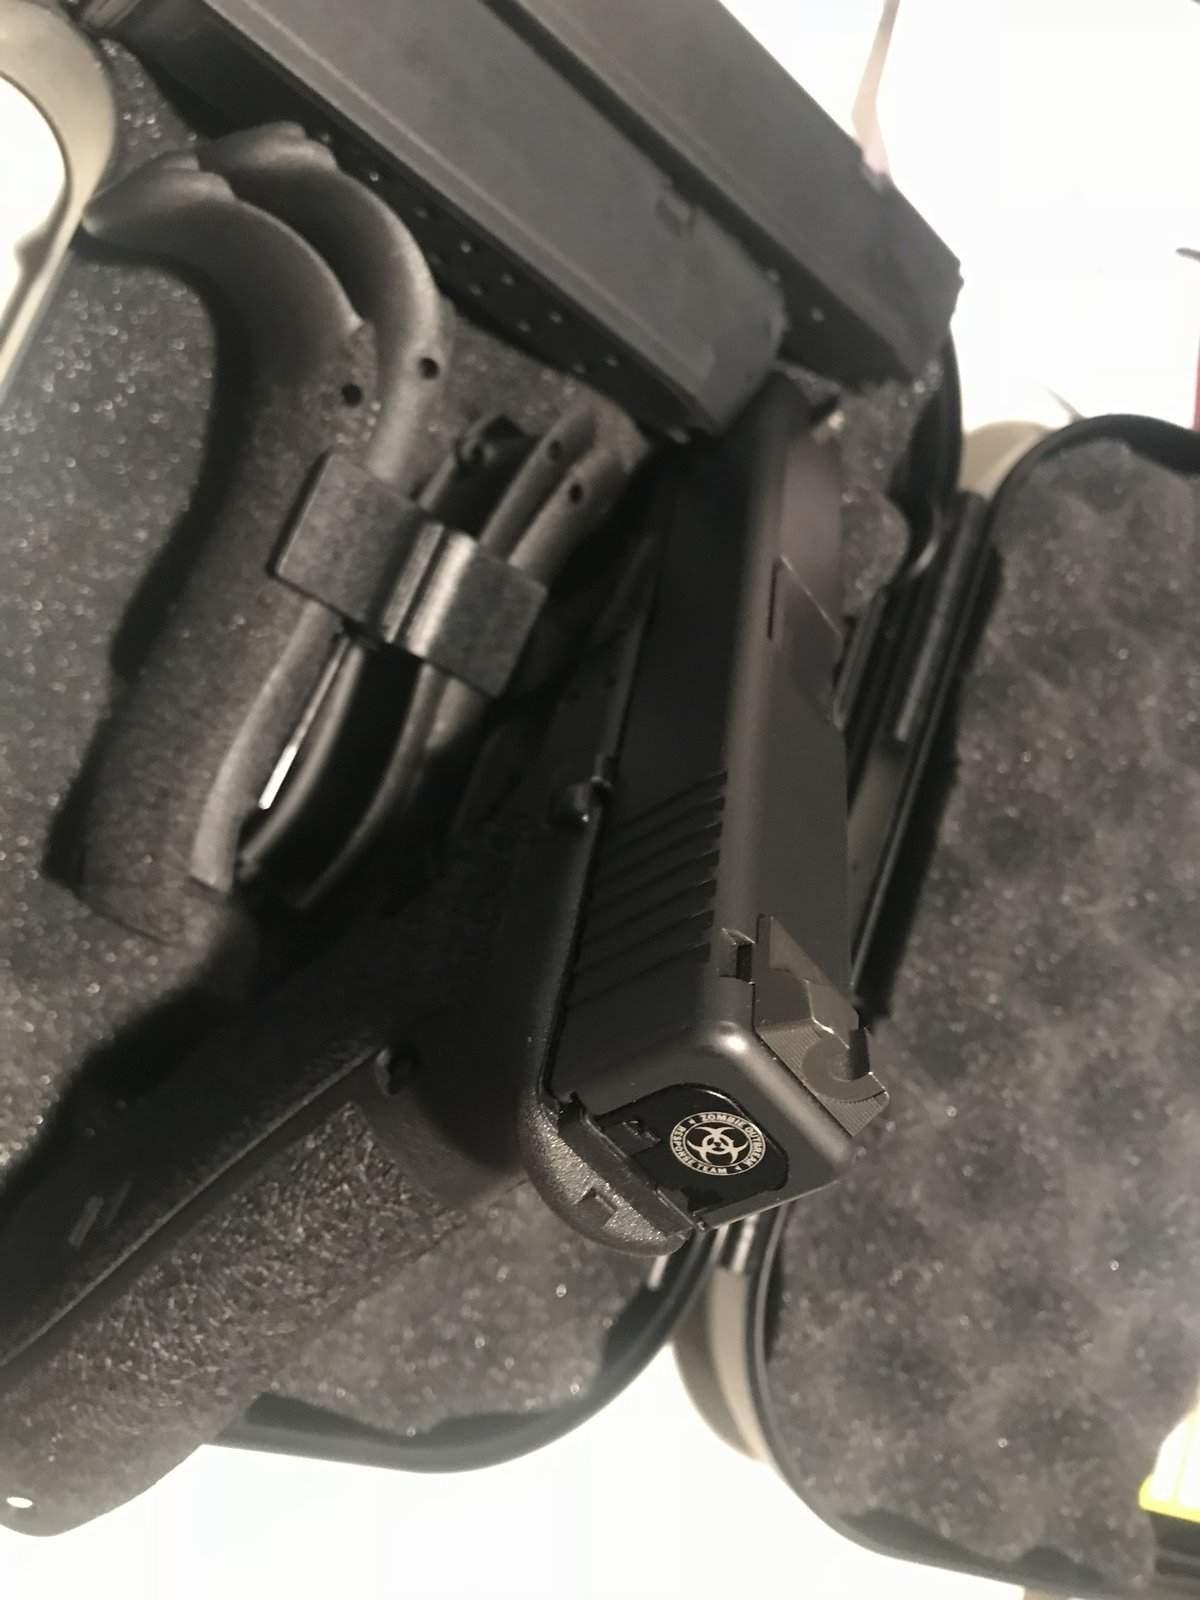 WTS/WTT OR - NIB Gen 4 Glock 17, custom frame mods, Vickers